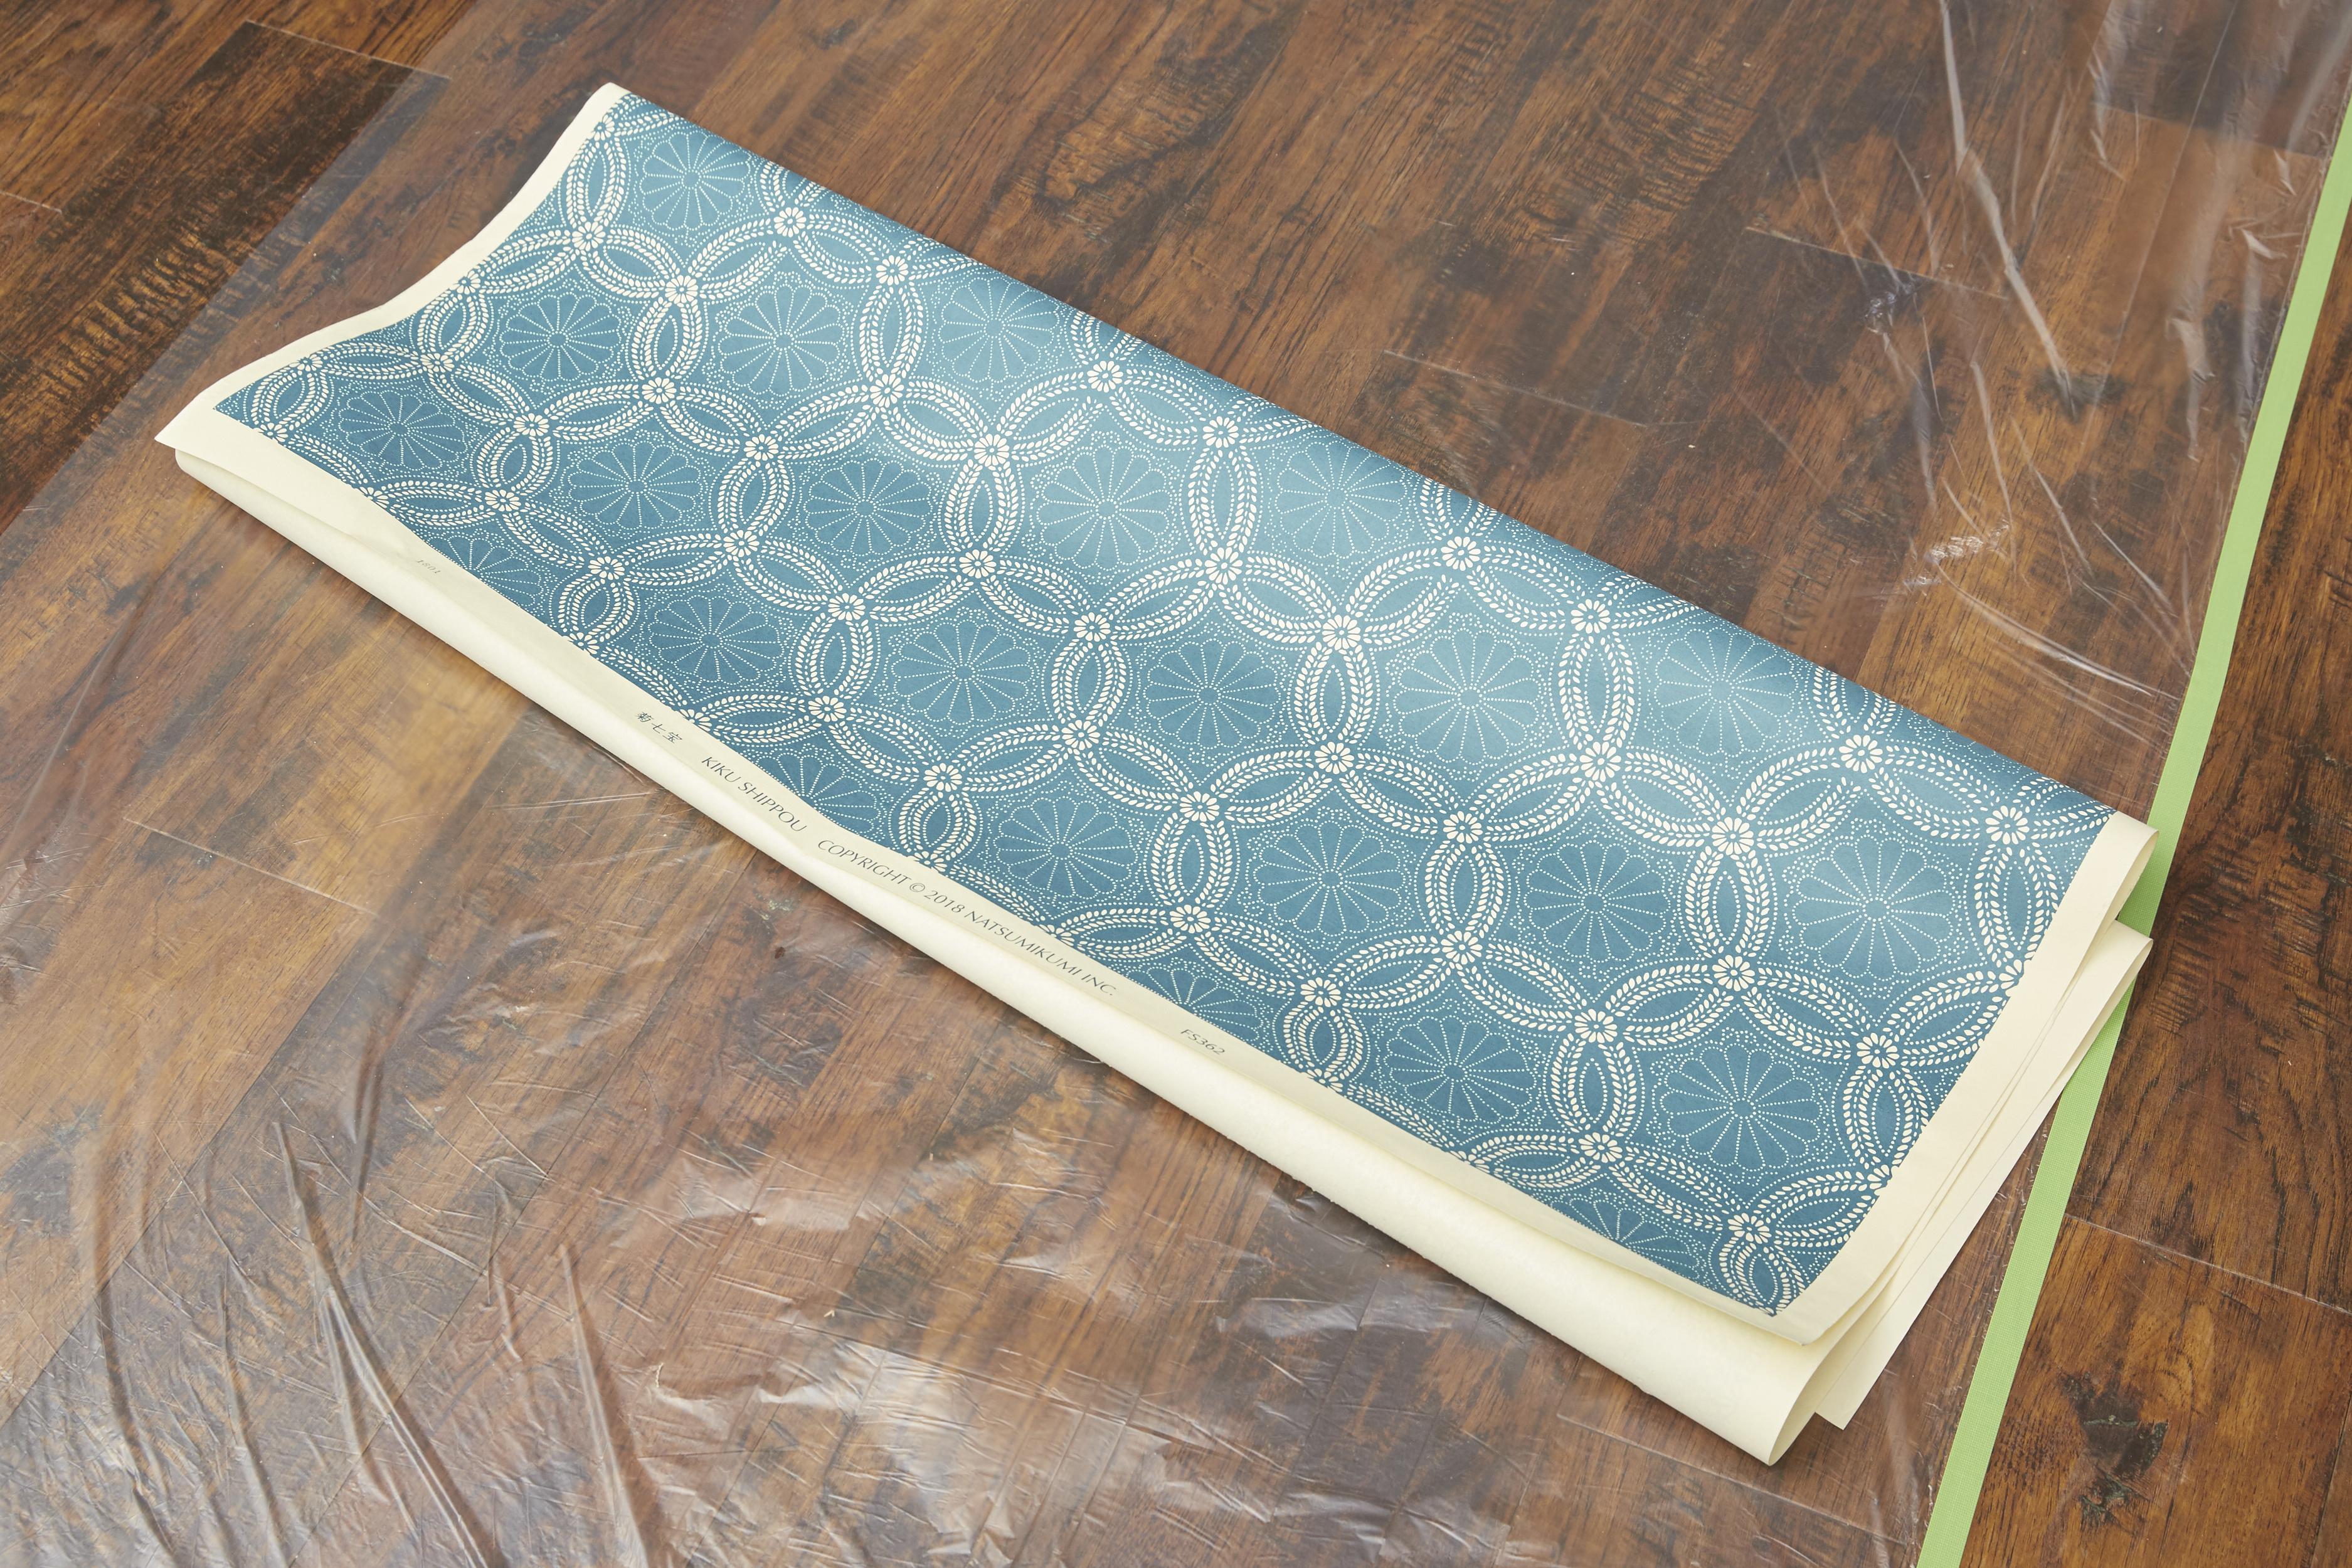 壁にも貼れる 夏水組オリジナル襖紙のすすめ 其の弐 Material